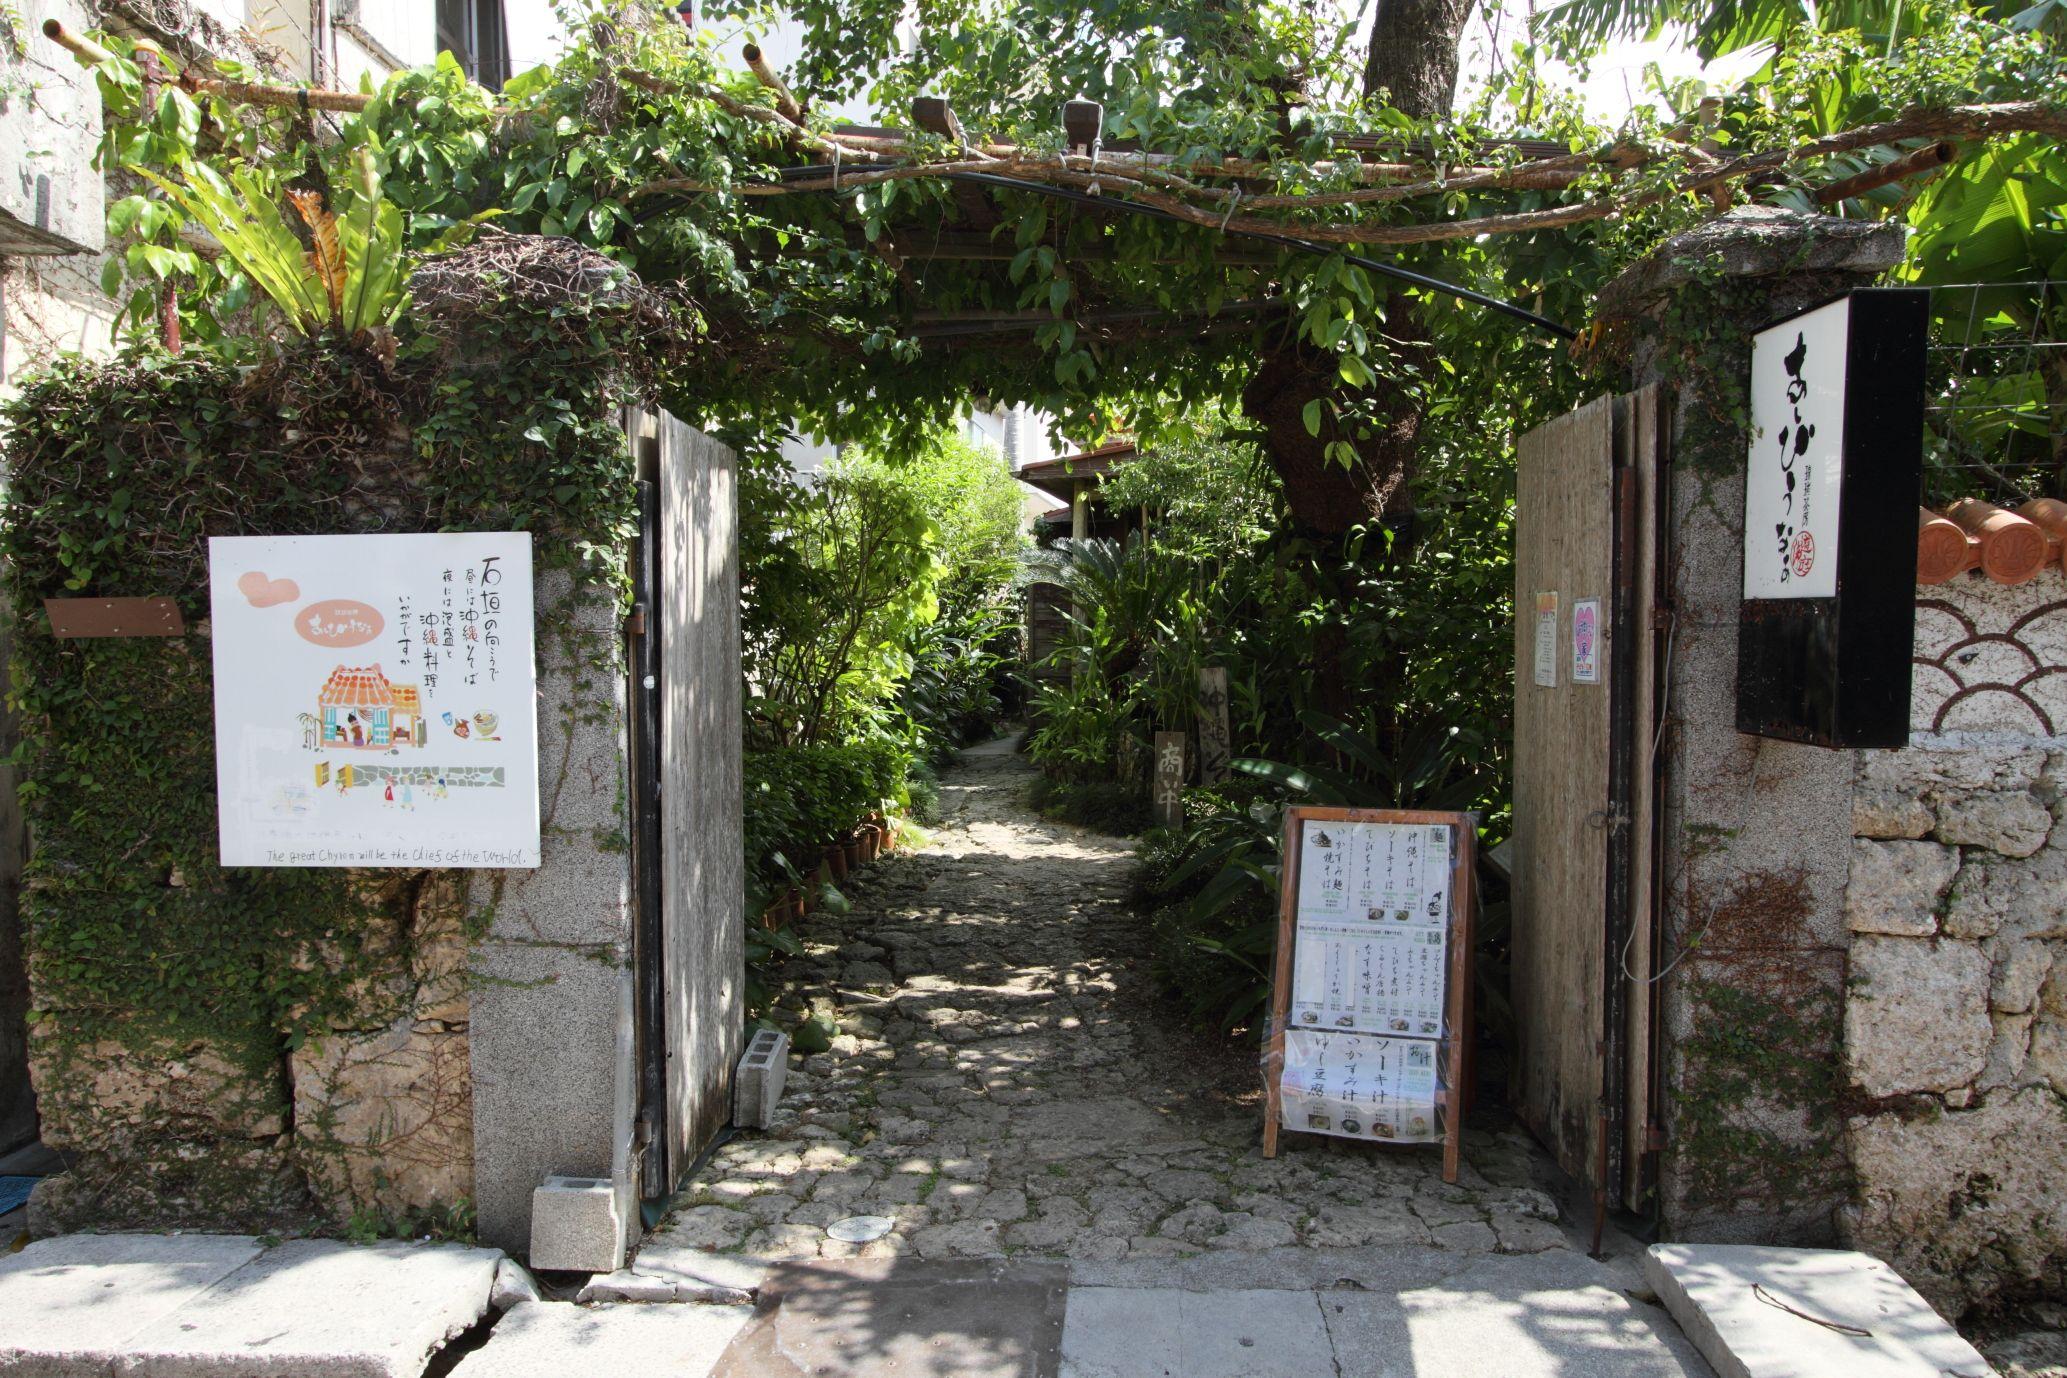 沖縄古民家で琉球伝統料理を提供している琉球茶房あしびうなぁ。庭を取り囲む縁側席からは、広い庭を一望できる。ランチは沖縄そばや沖縄の家庭料理を盛り込んだ定食を、夜は琉球料理と泡盛をの